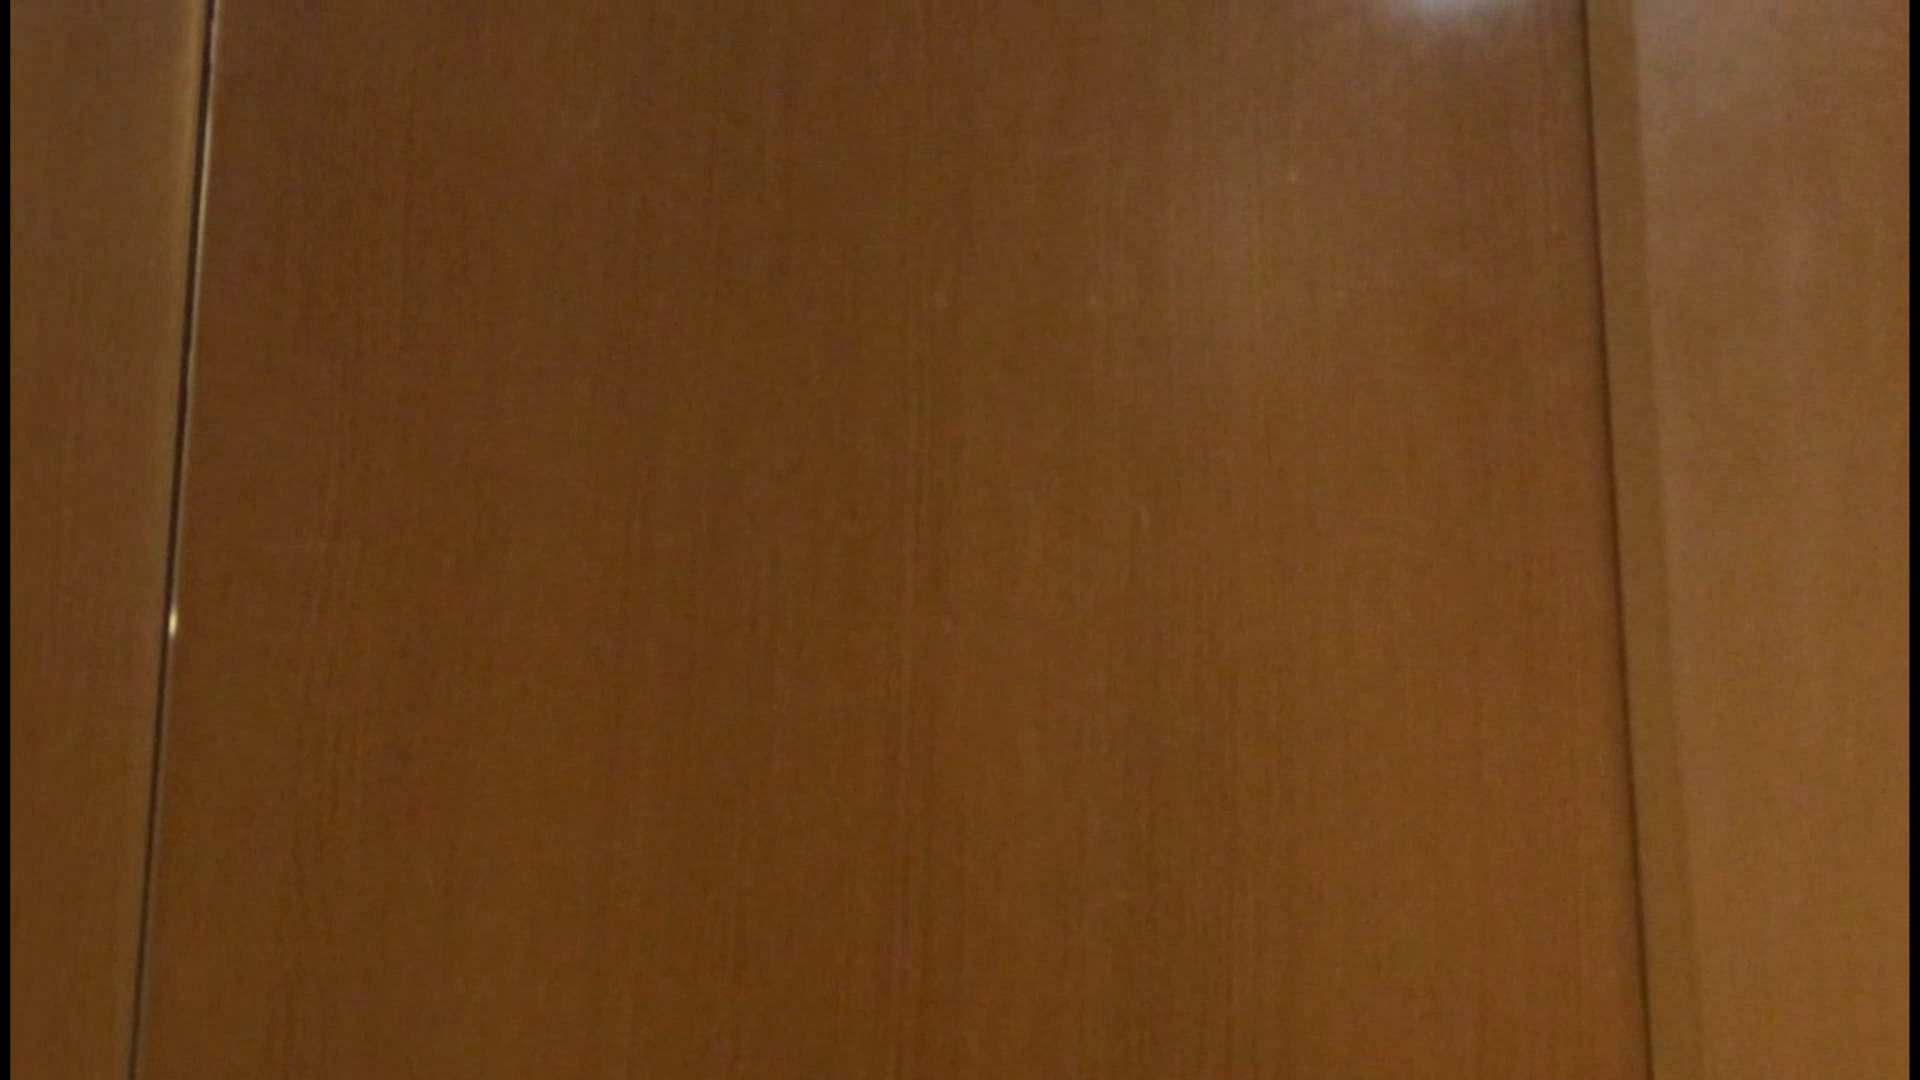 「噂」の国の厠観察日記2 Vol.08  98枚